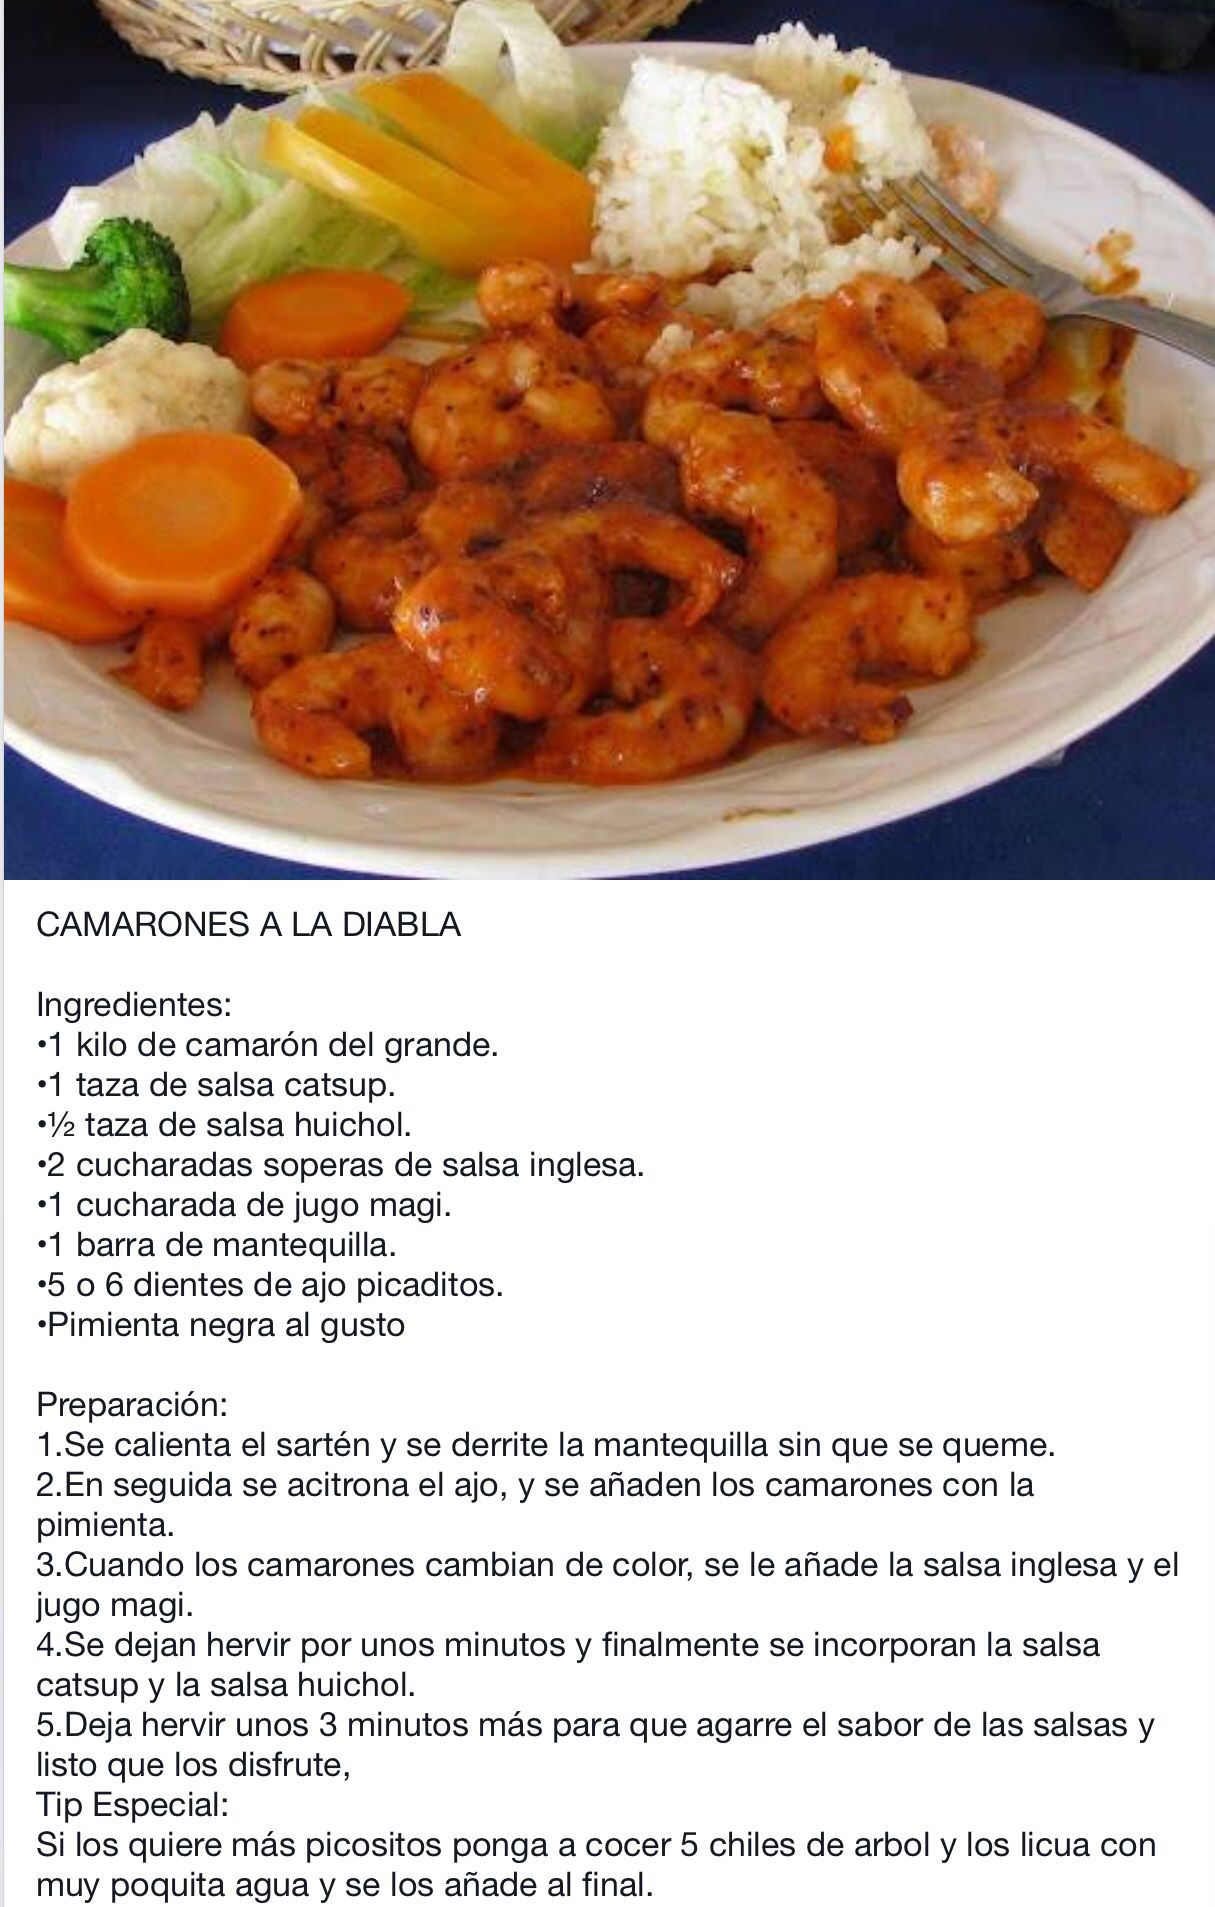 11 Ideas De Camarones Con Chile Camarones Comida Mexicana Recetas De Comida